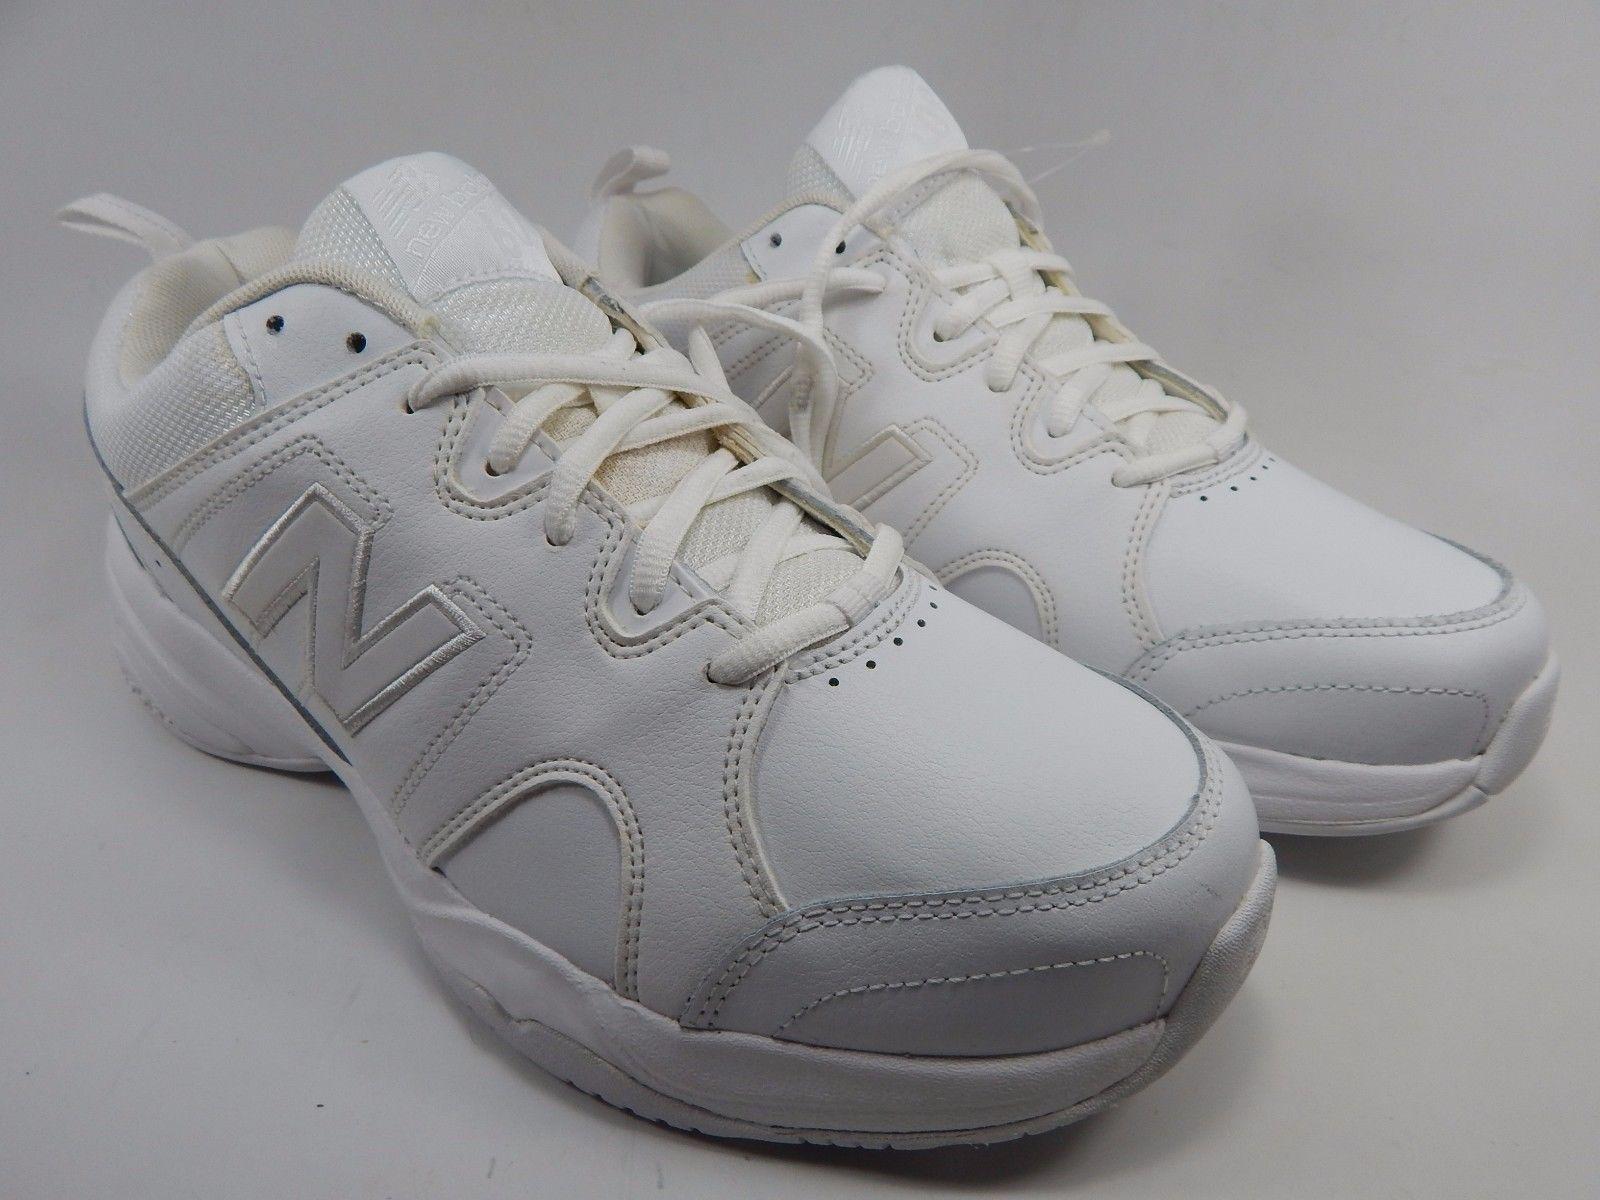 New Balance 609 v3 Men's Training Shoes Sz: US 9.5 4E EXTRA WIDE EU 43 MX609AZ3